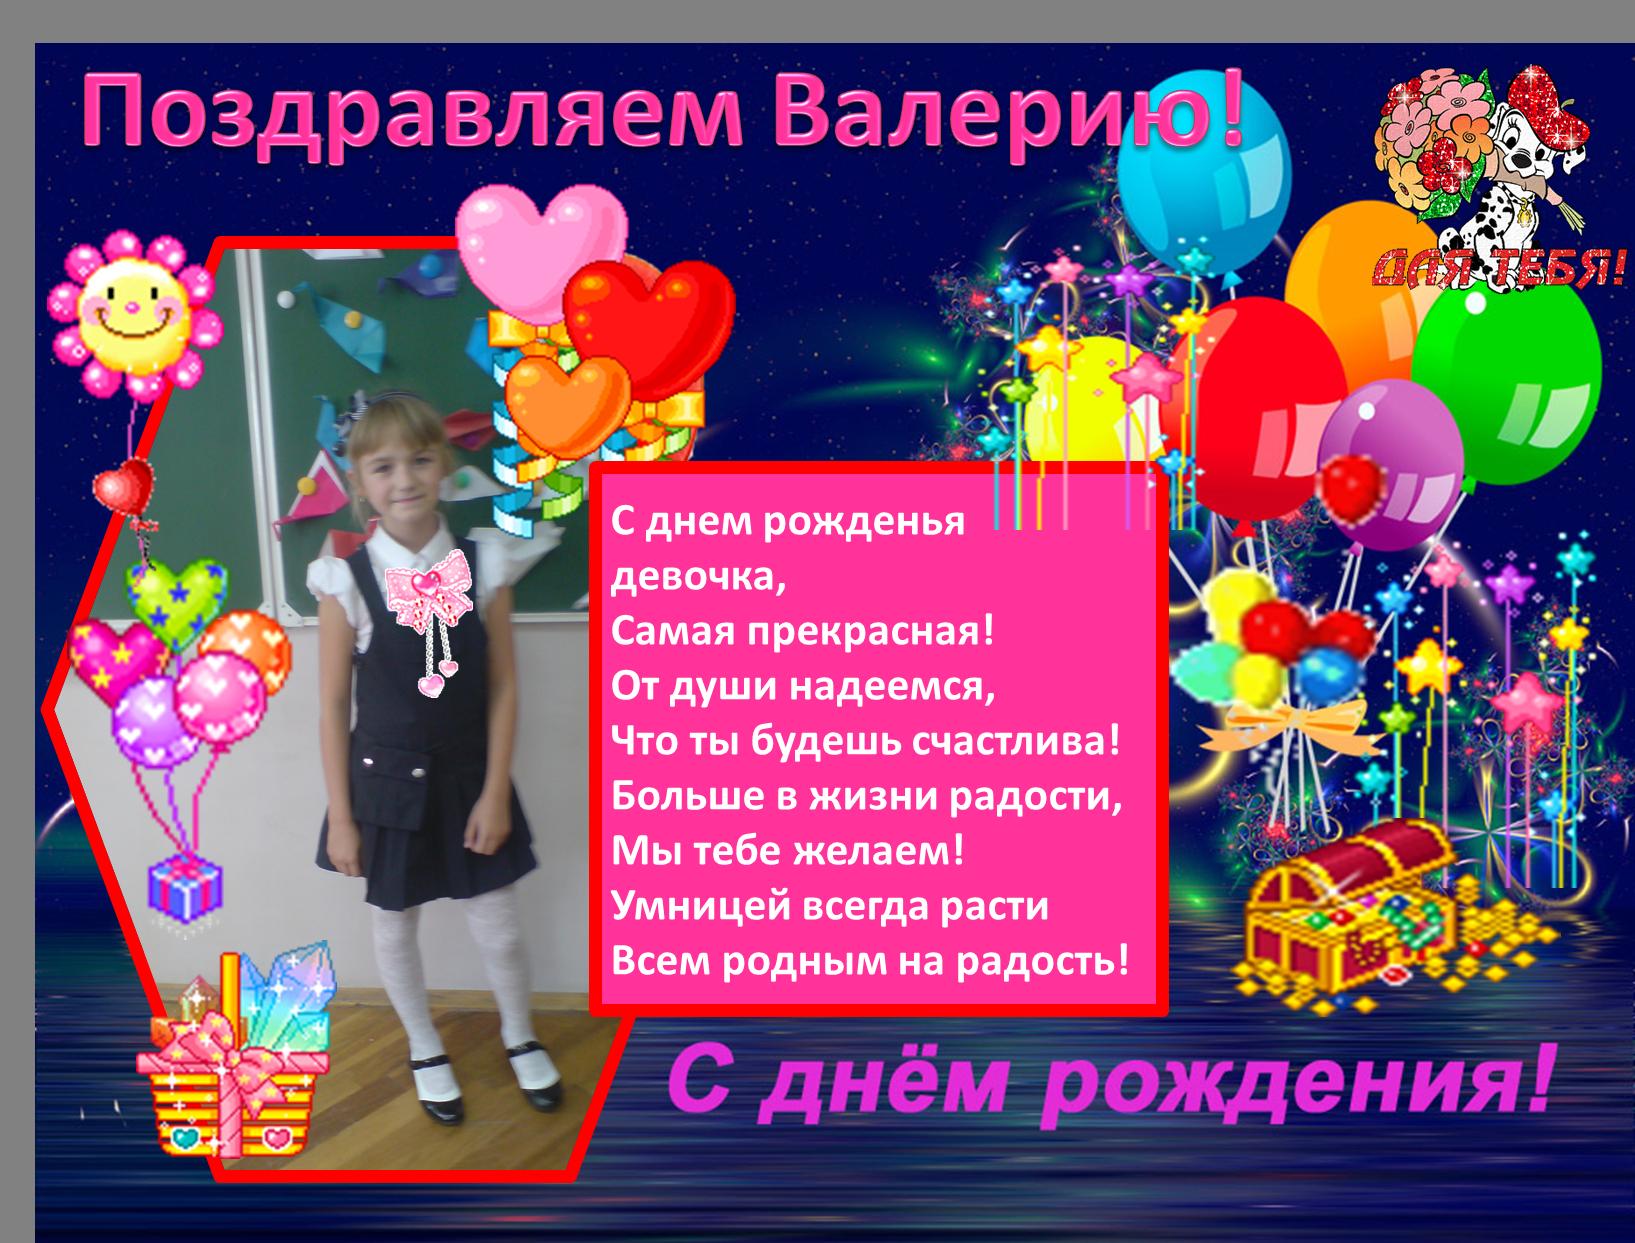 Прикольные поздравления лере с днем рождения